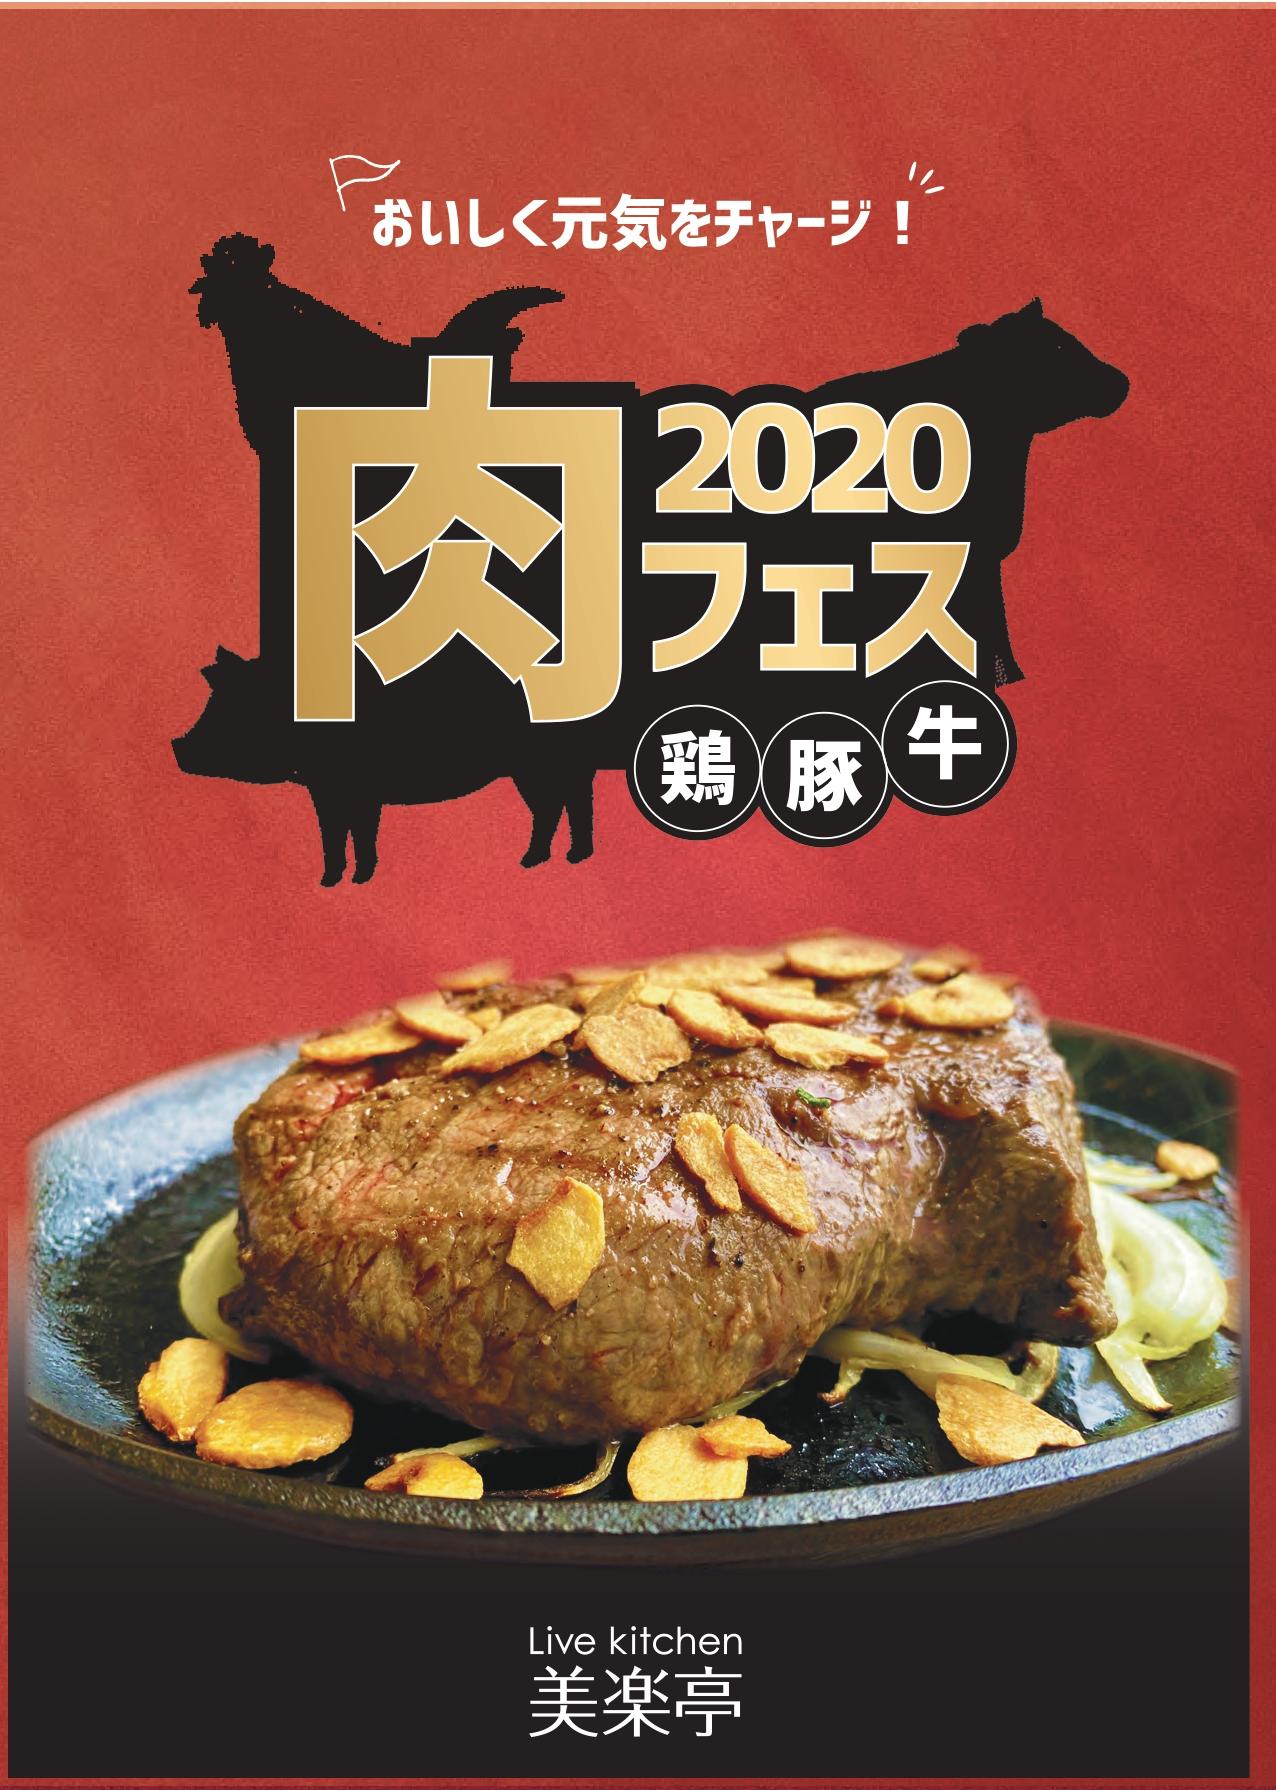 肉フェス開催!!